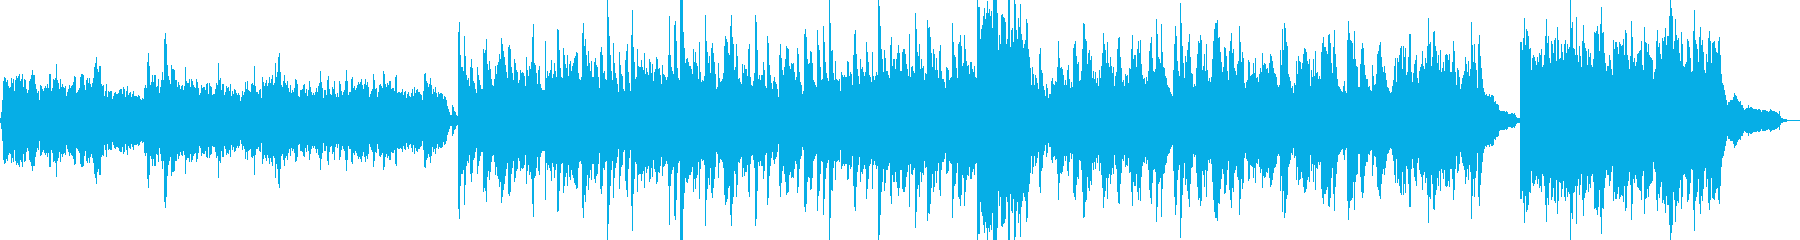 チェロとピアノの幻想的な楽曲の再生済みの波形